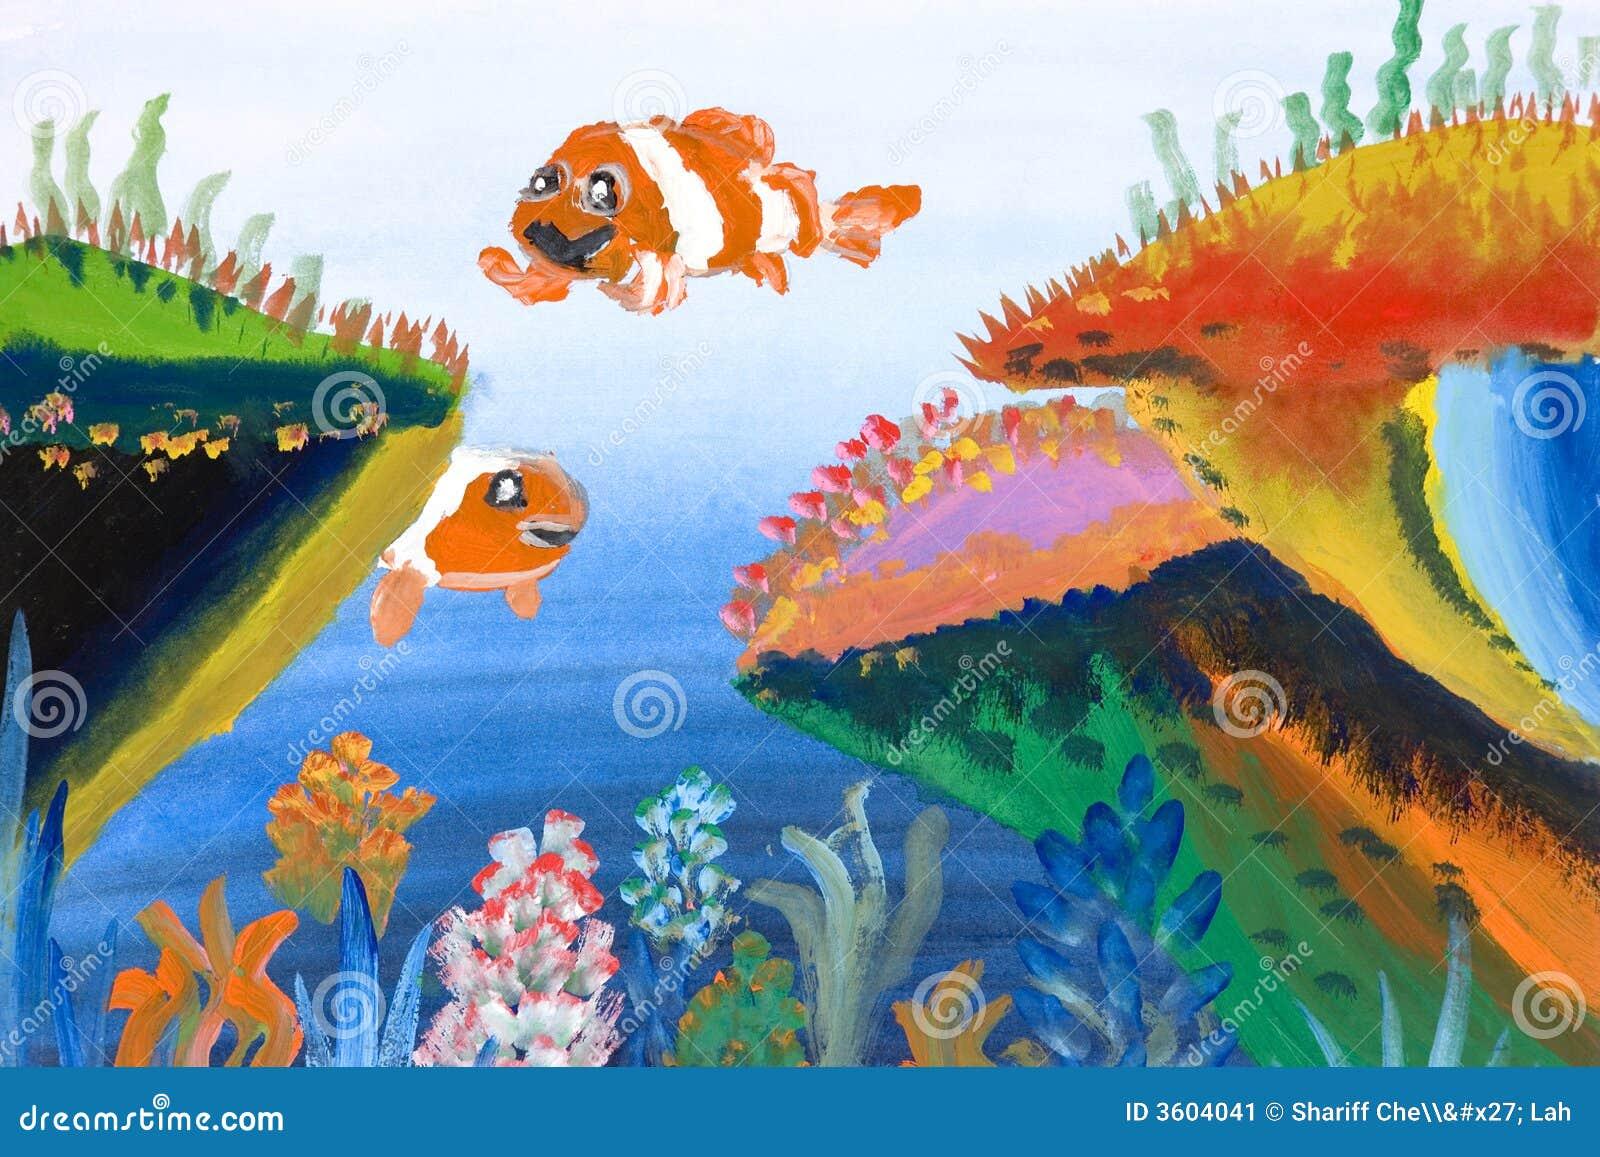 Super De Kunst Van Kinderen - Het Mariene Leven Stock Illustratie #NT83